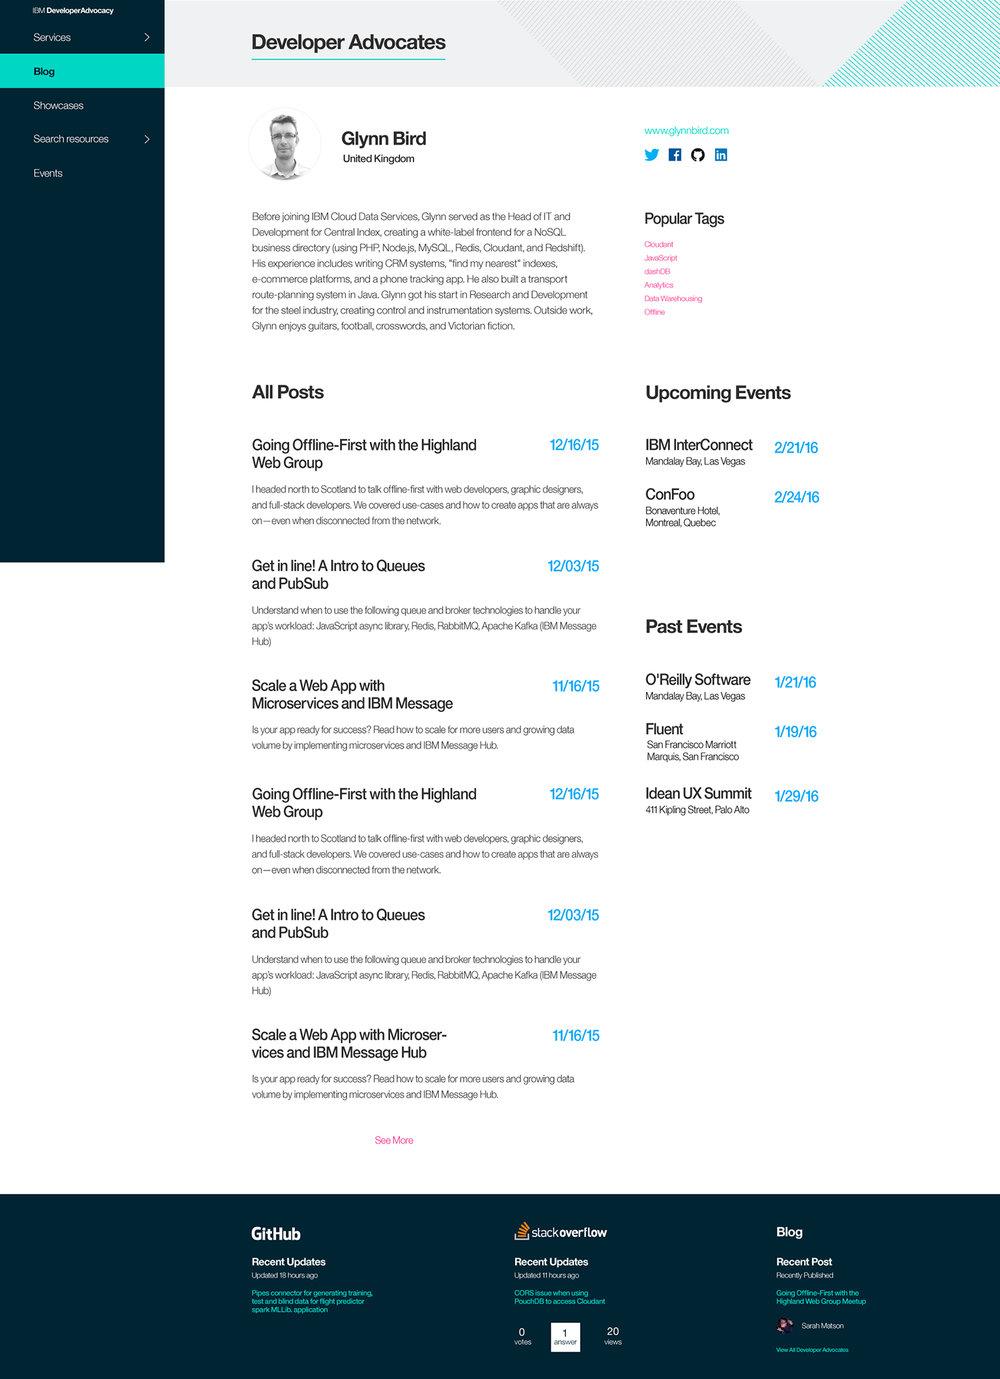 IBM_Visual_3.3.2016_Page_07 copy.jpg